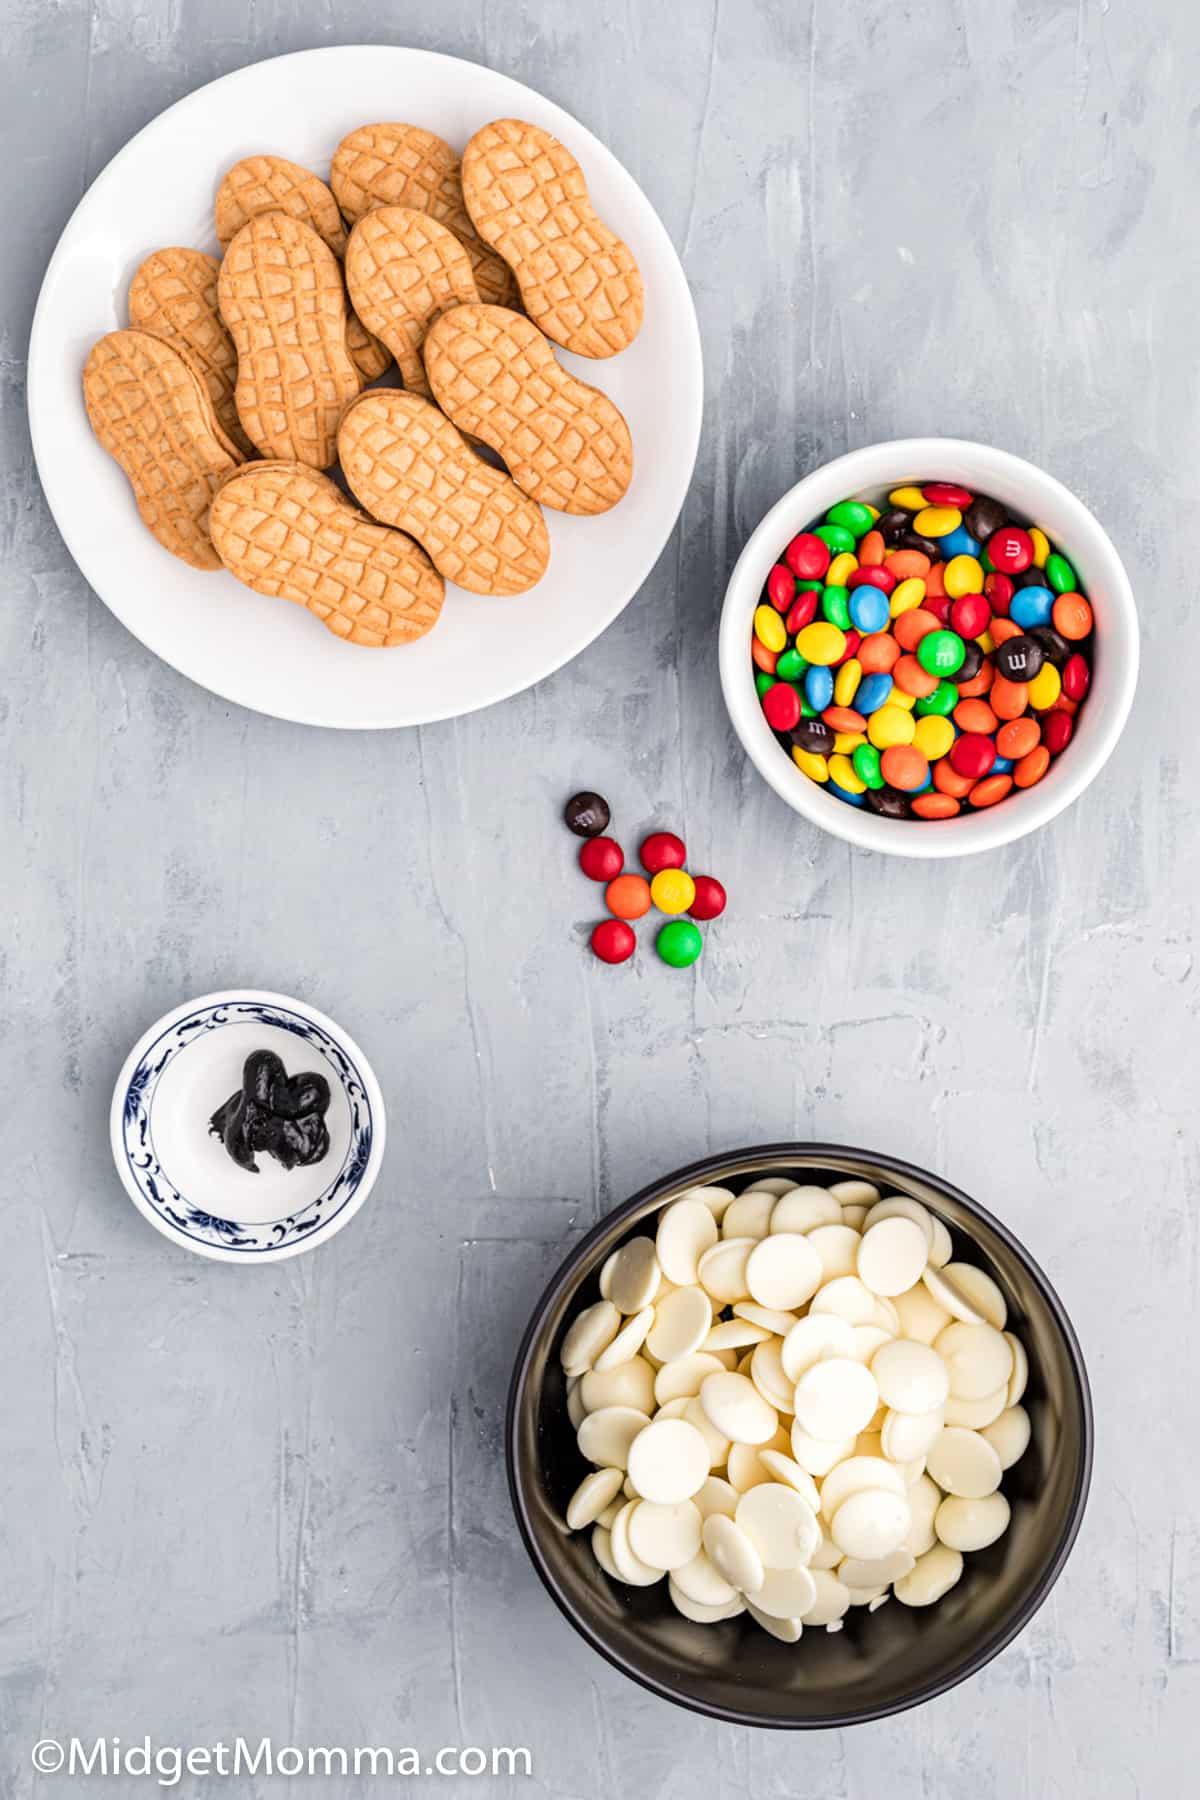 Snowman Cookie Ingredients